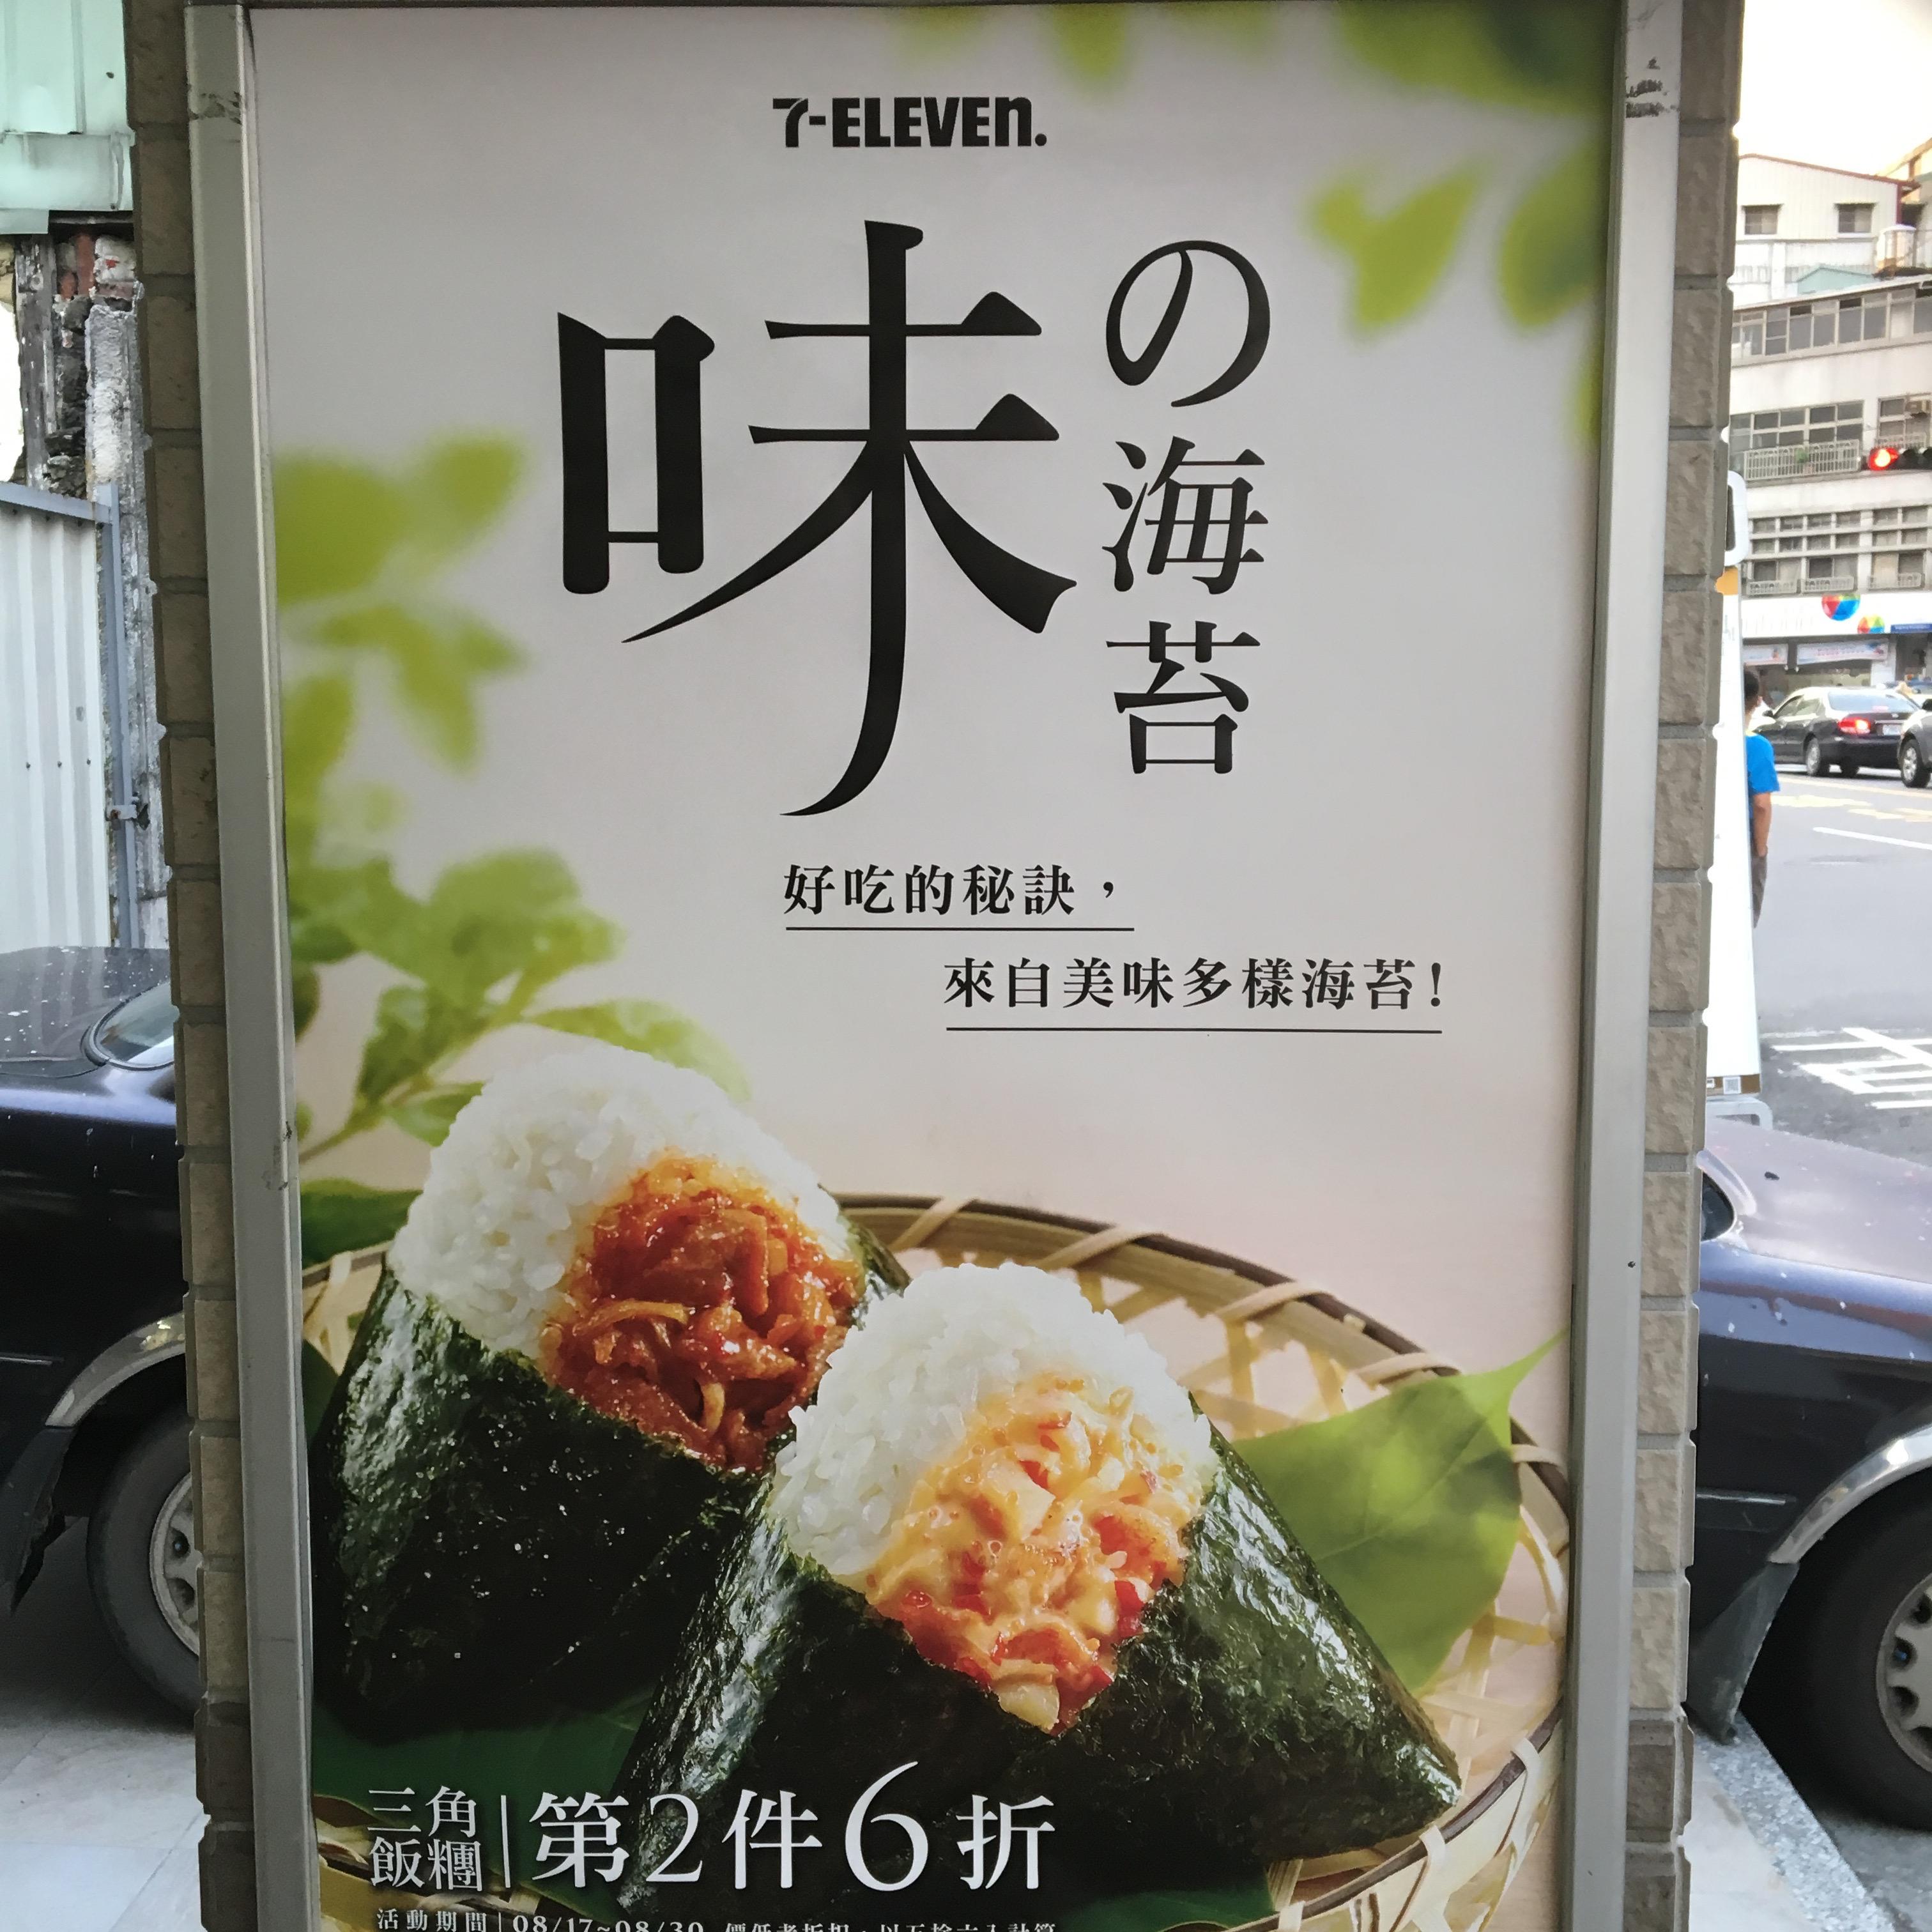 暑い台湾の夏にこそ台湾式ステーキ「牛排」をガッツリ食べよう!忠孝路夜市「凱力登牛排店」